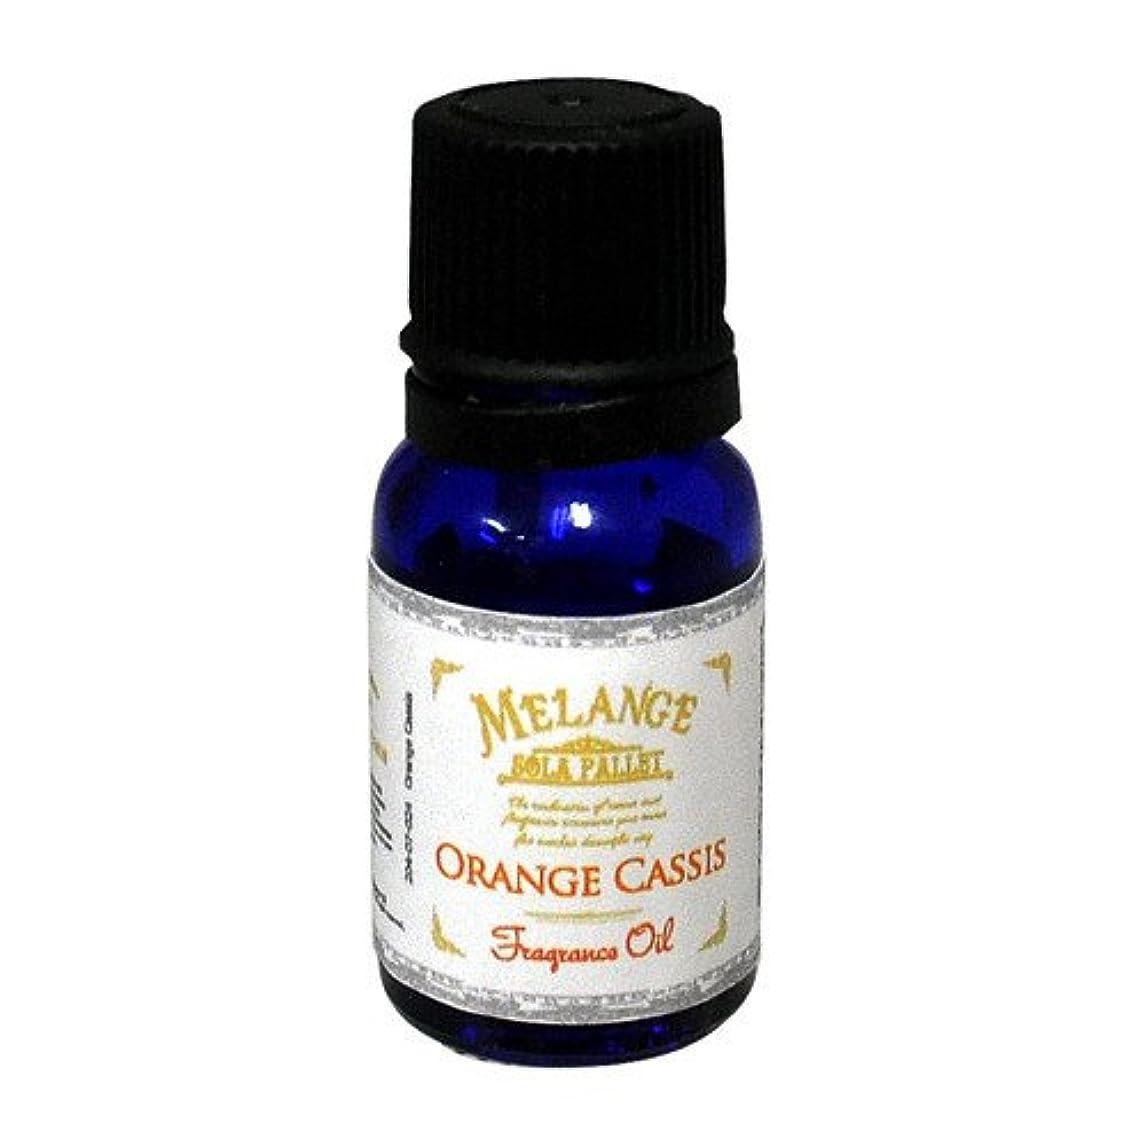 発生するエクステントよろしくSOLA PALLET MELANGE Fragrance Oil フレグランスオイル Orange Cassis オレンジカシス